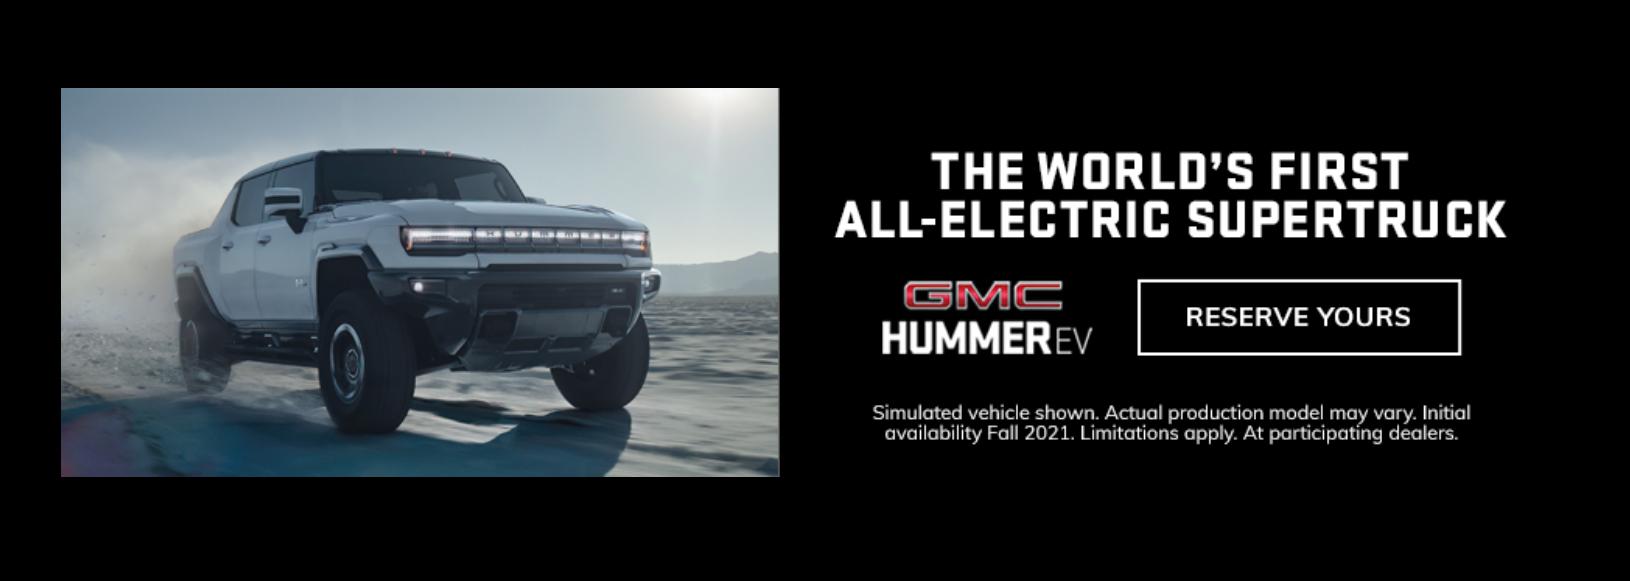 Hummer Banner